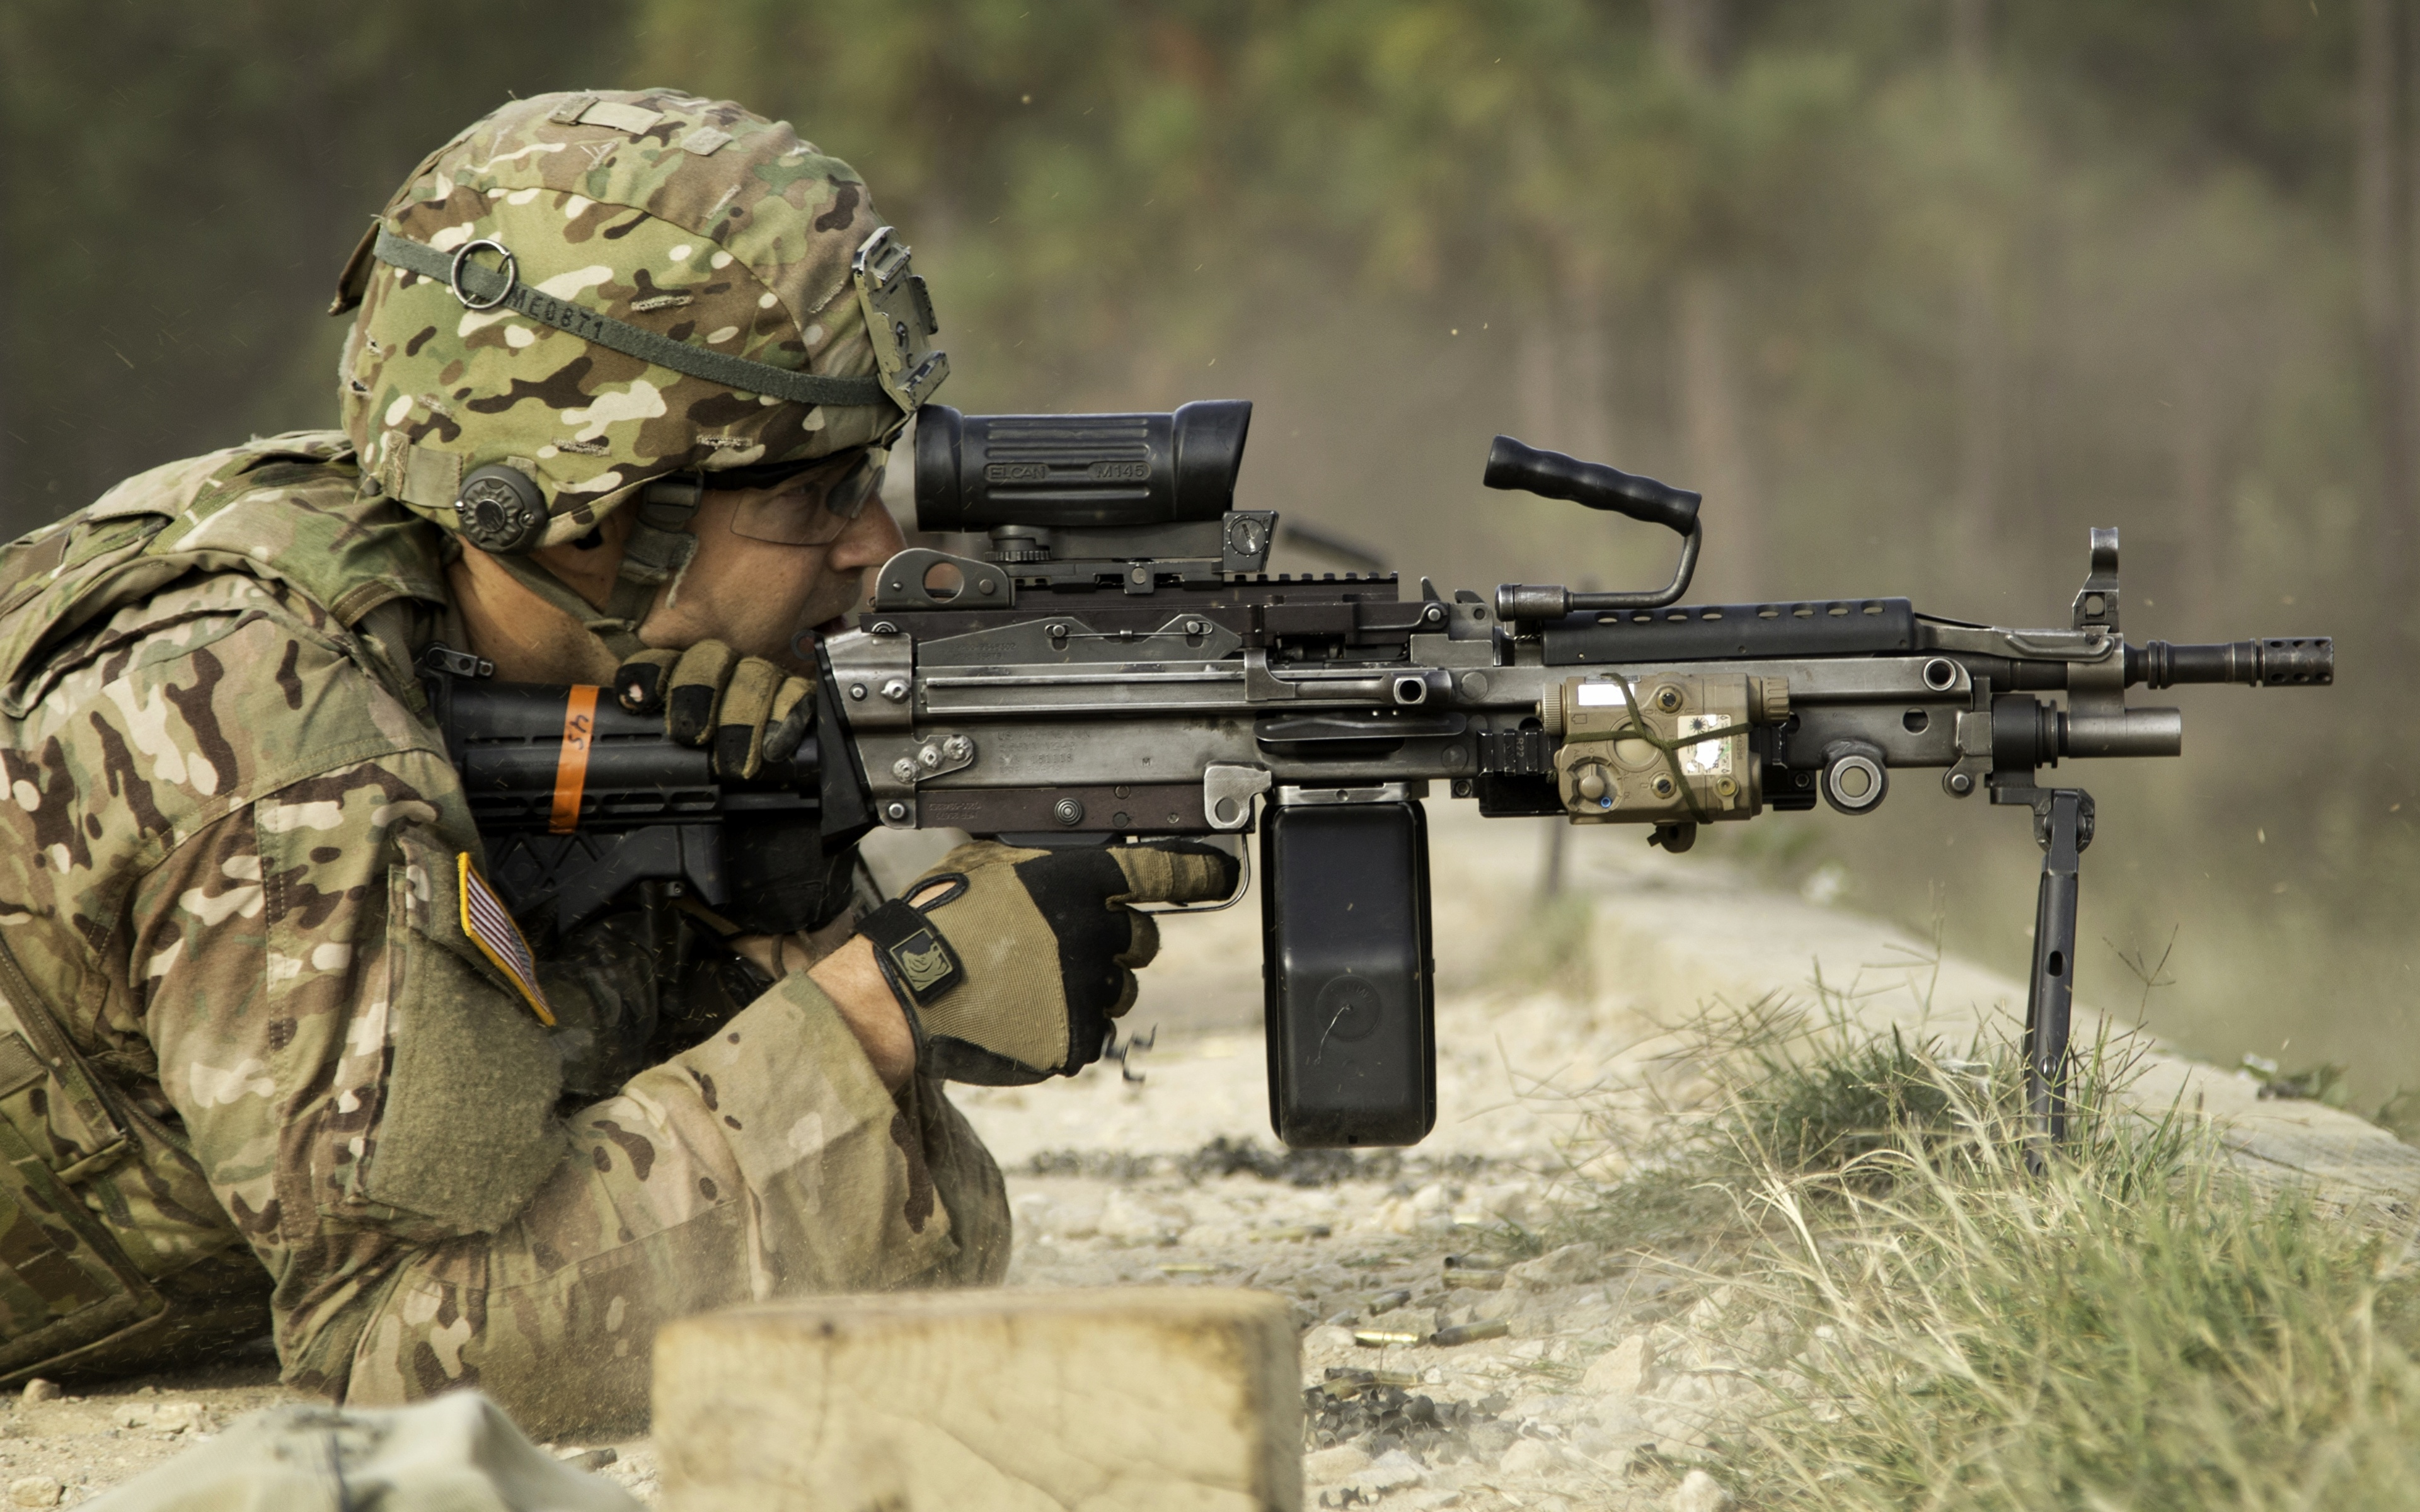 壁紙 3840x2400 兵 機関銃 ミリタリーヘルメット ヘルメット カモフラージュ 陸軍 ダウンロード 写真